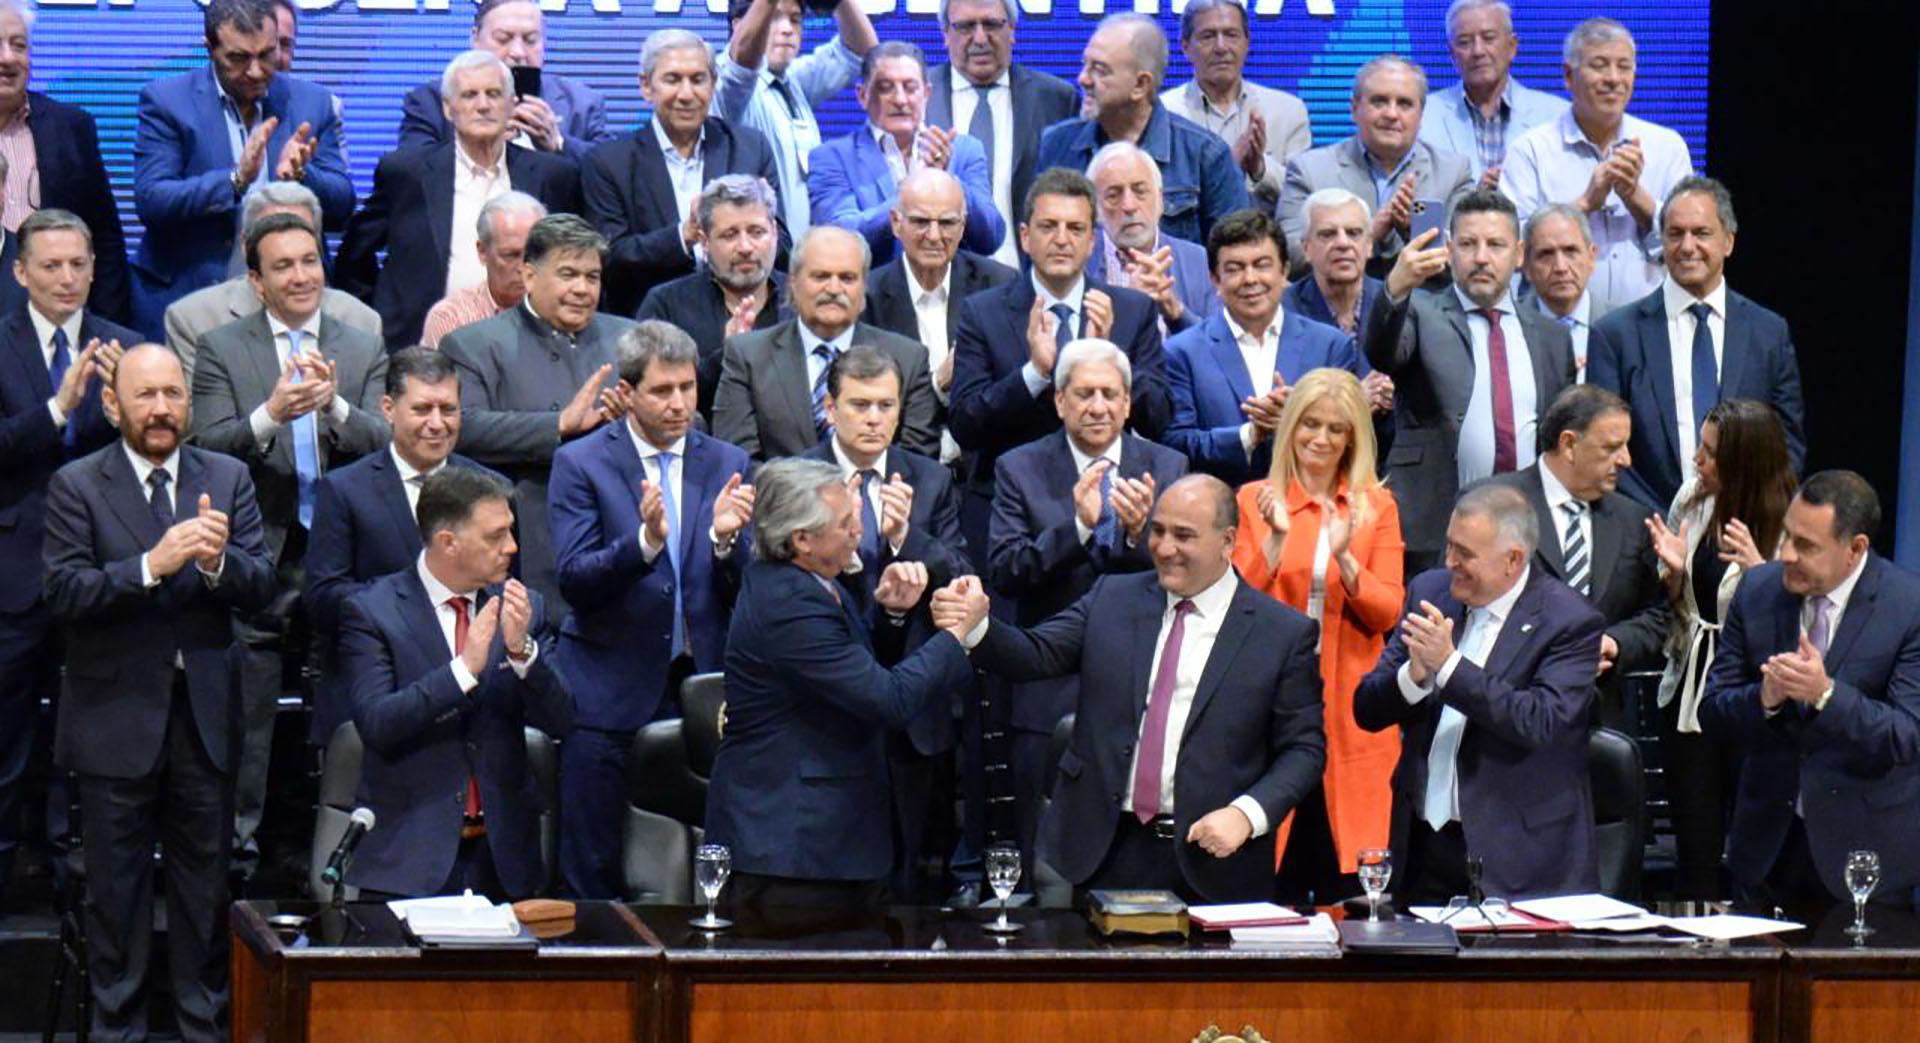 El día de la victoria no dejaron a muchos gobernadores subir al escenario. Al otro día, en Tucumán, Juan Manzur se cobró revancha y lo presentó a Alberto Fernández como el